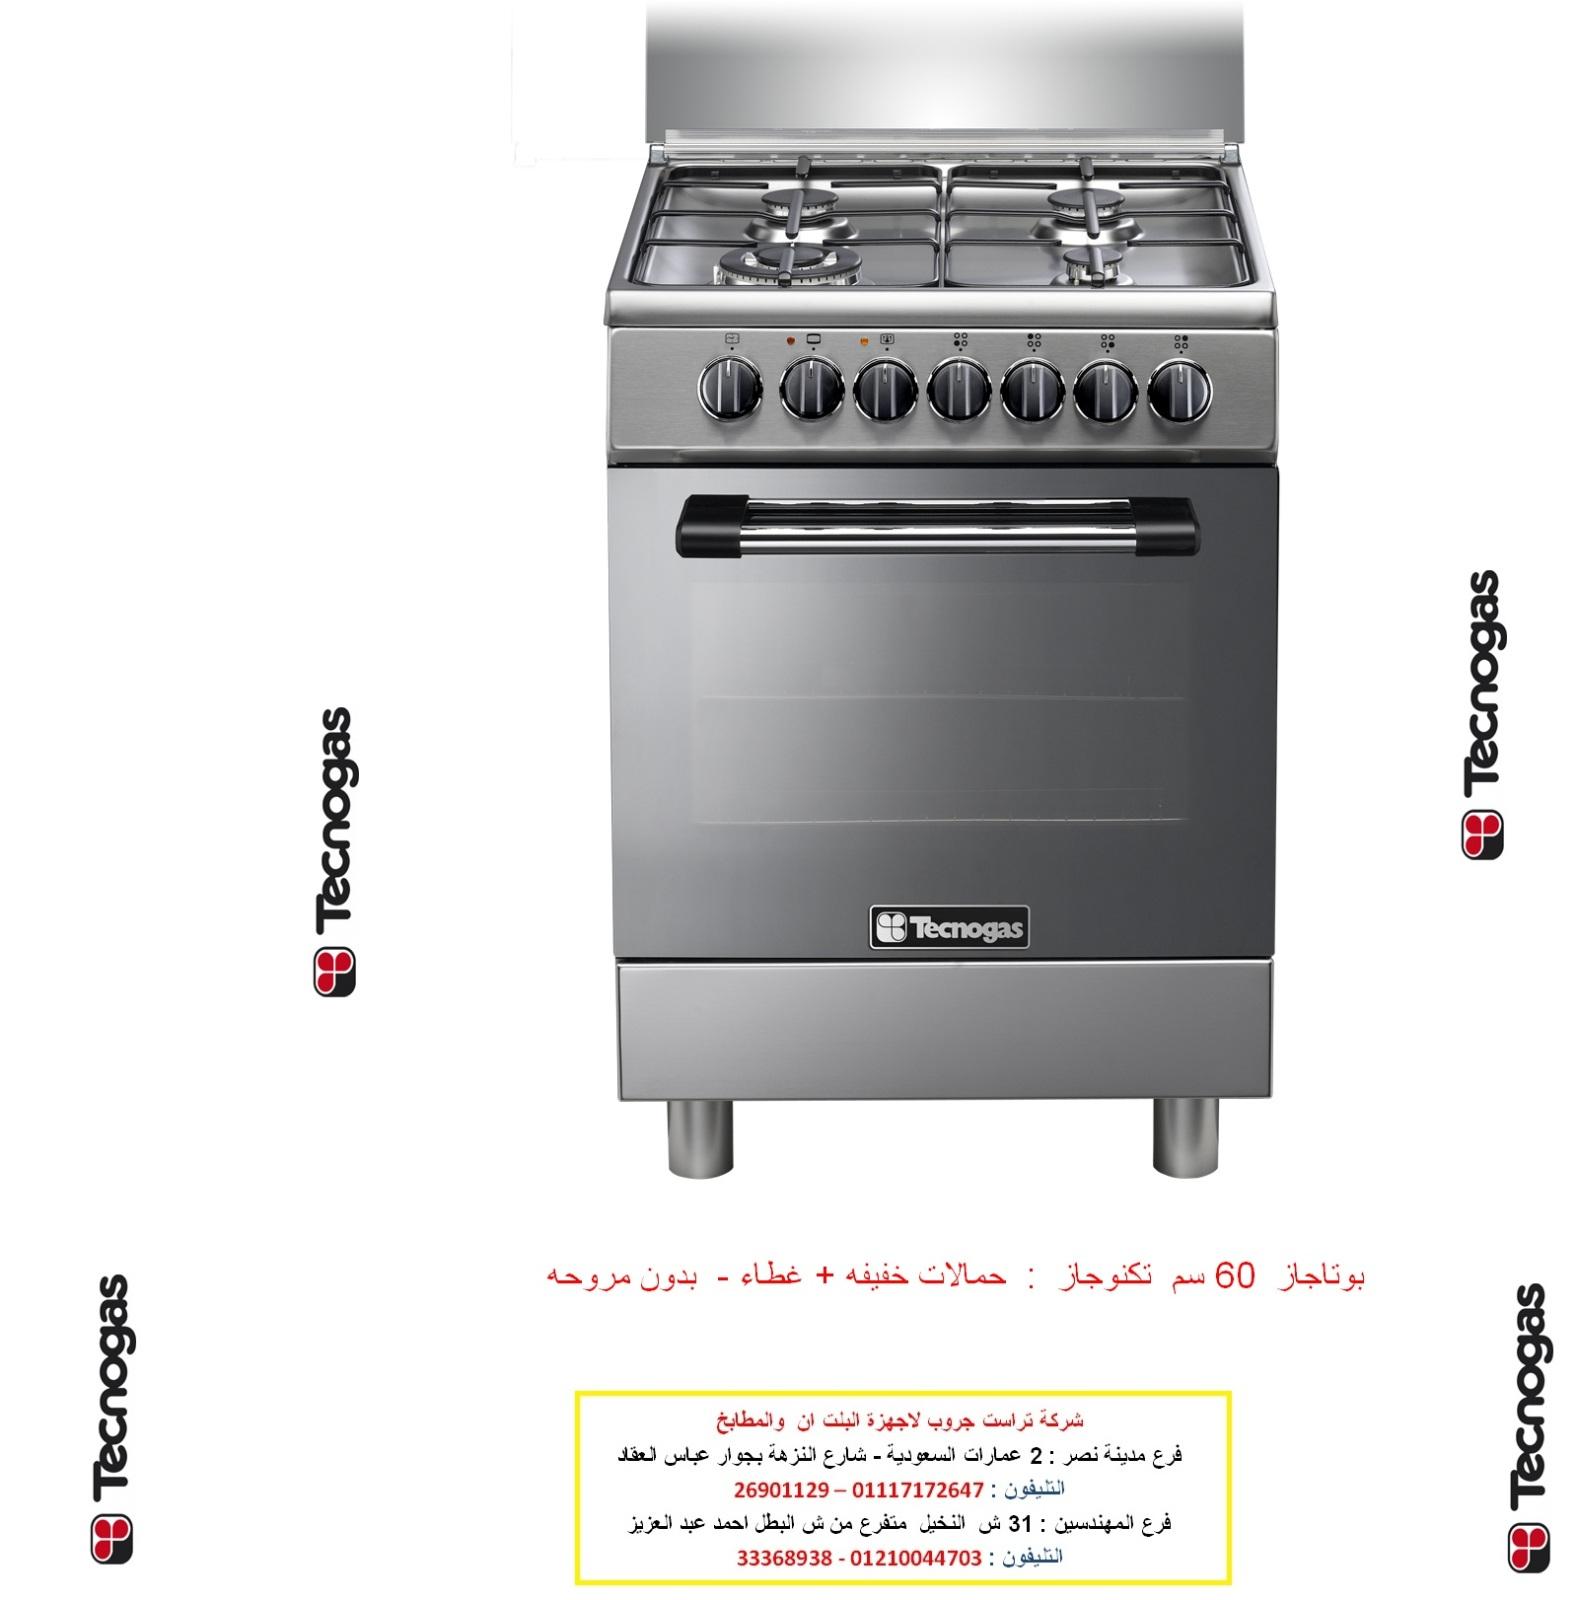 بوتاجاز ايطالى الصنع تكنوجاز 60 سم ( للاتصال 01210044703 ) Ou8kcp